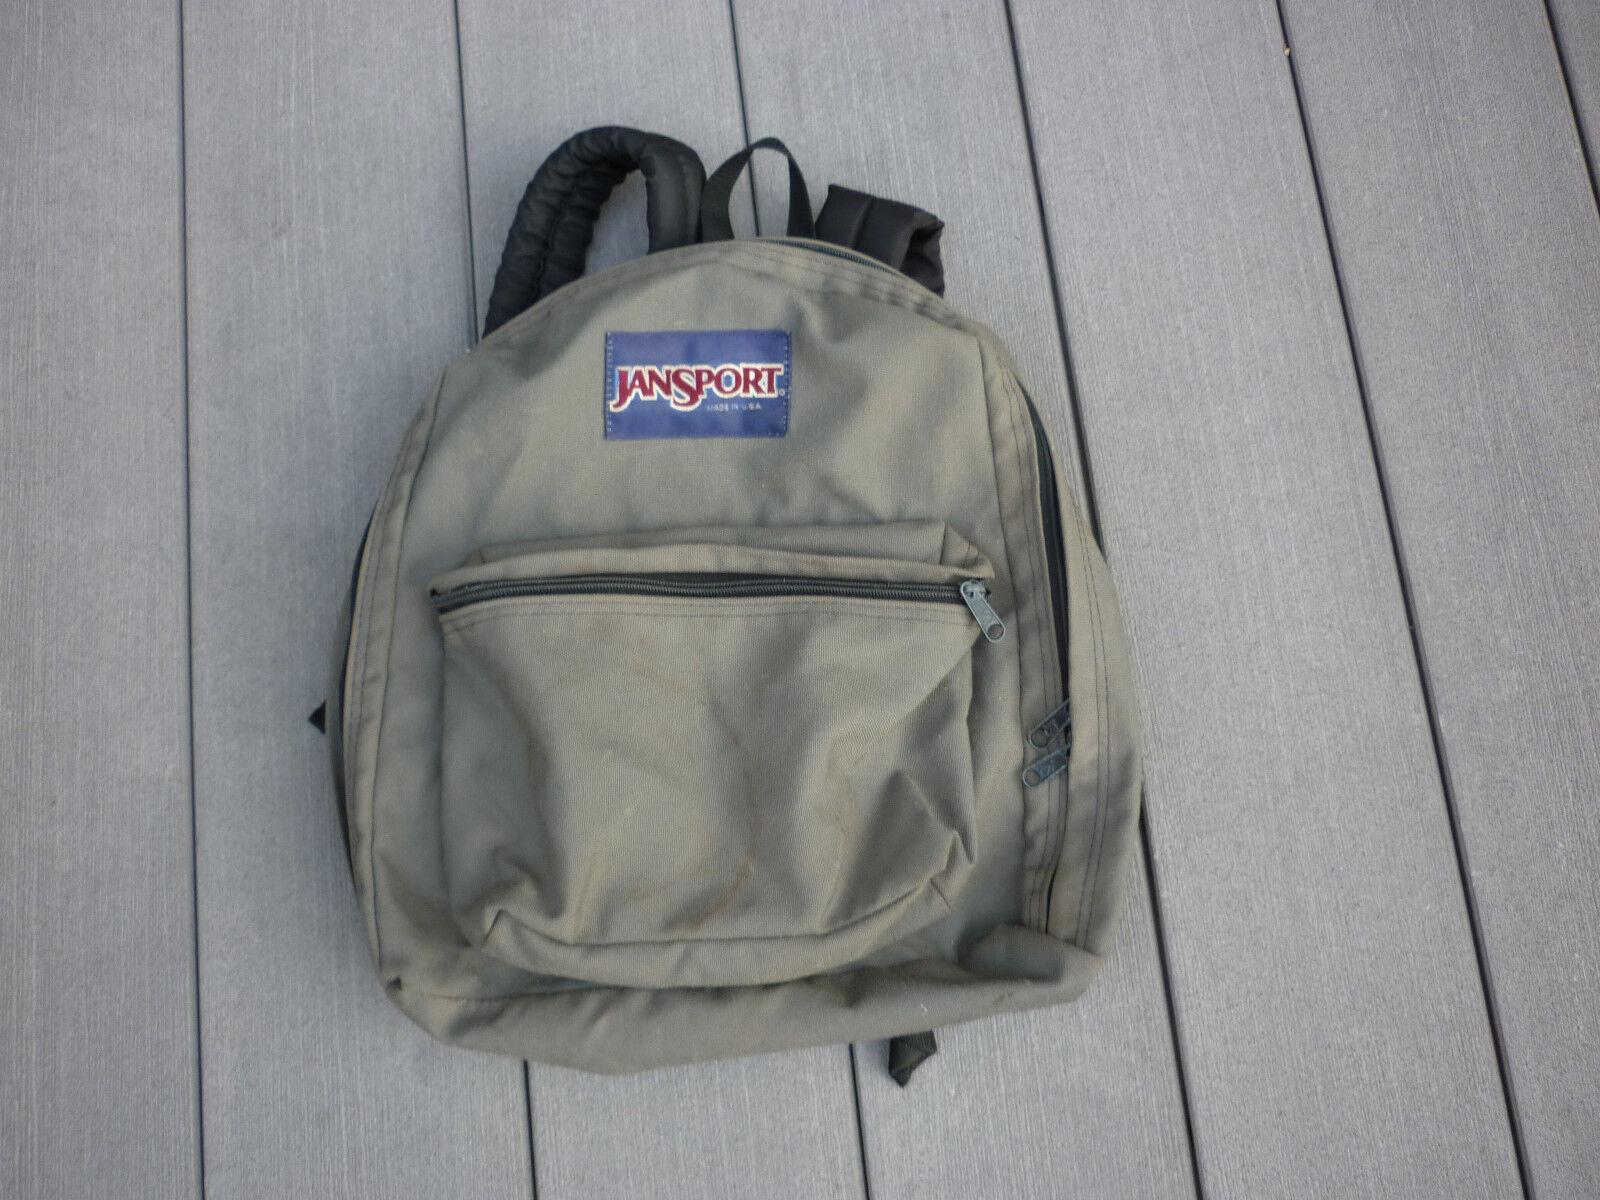 JANSPORT VINTAGE GREEN BACKPACK 1990'S USA Origina